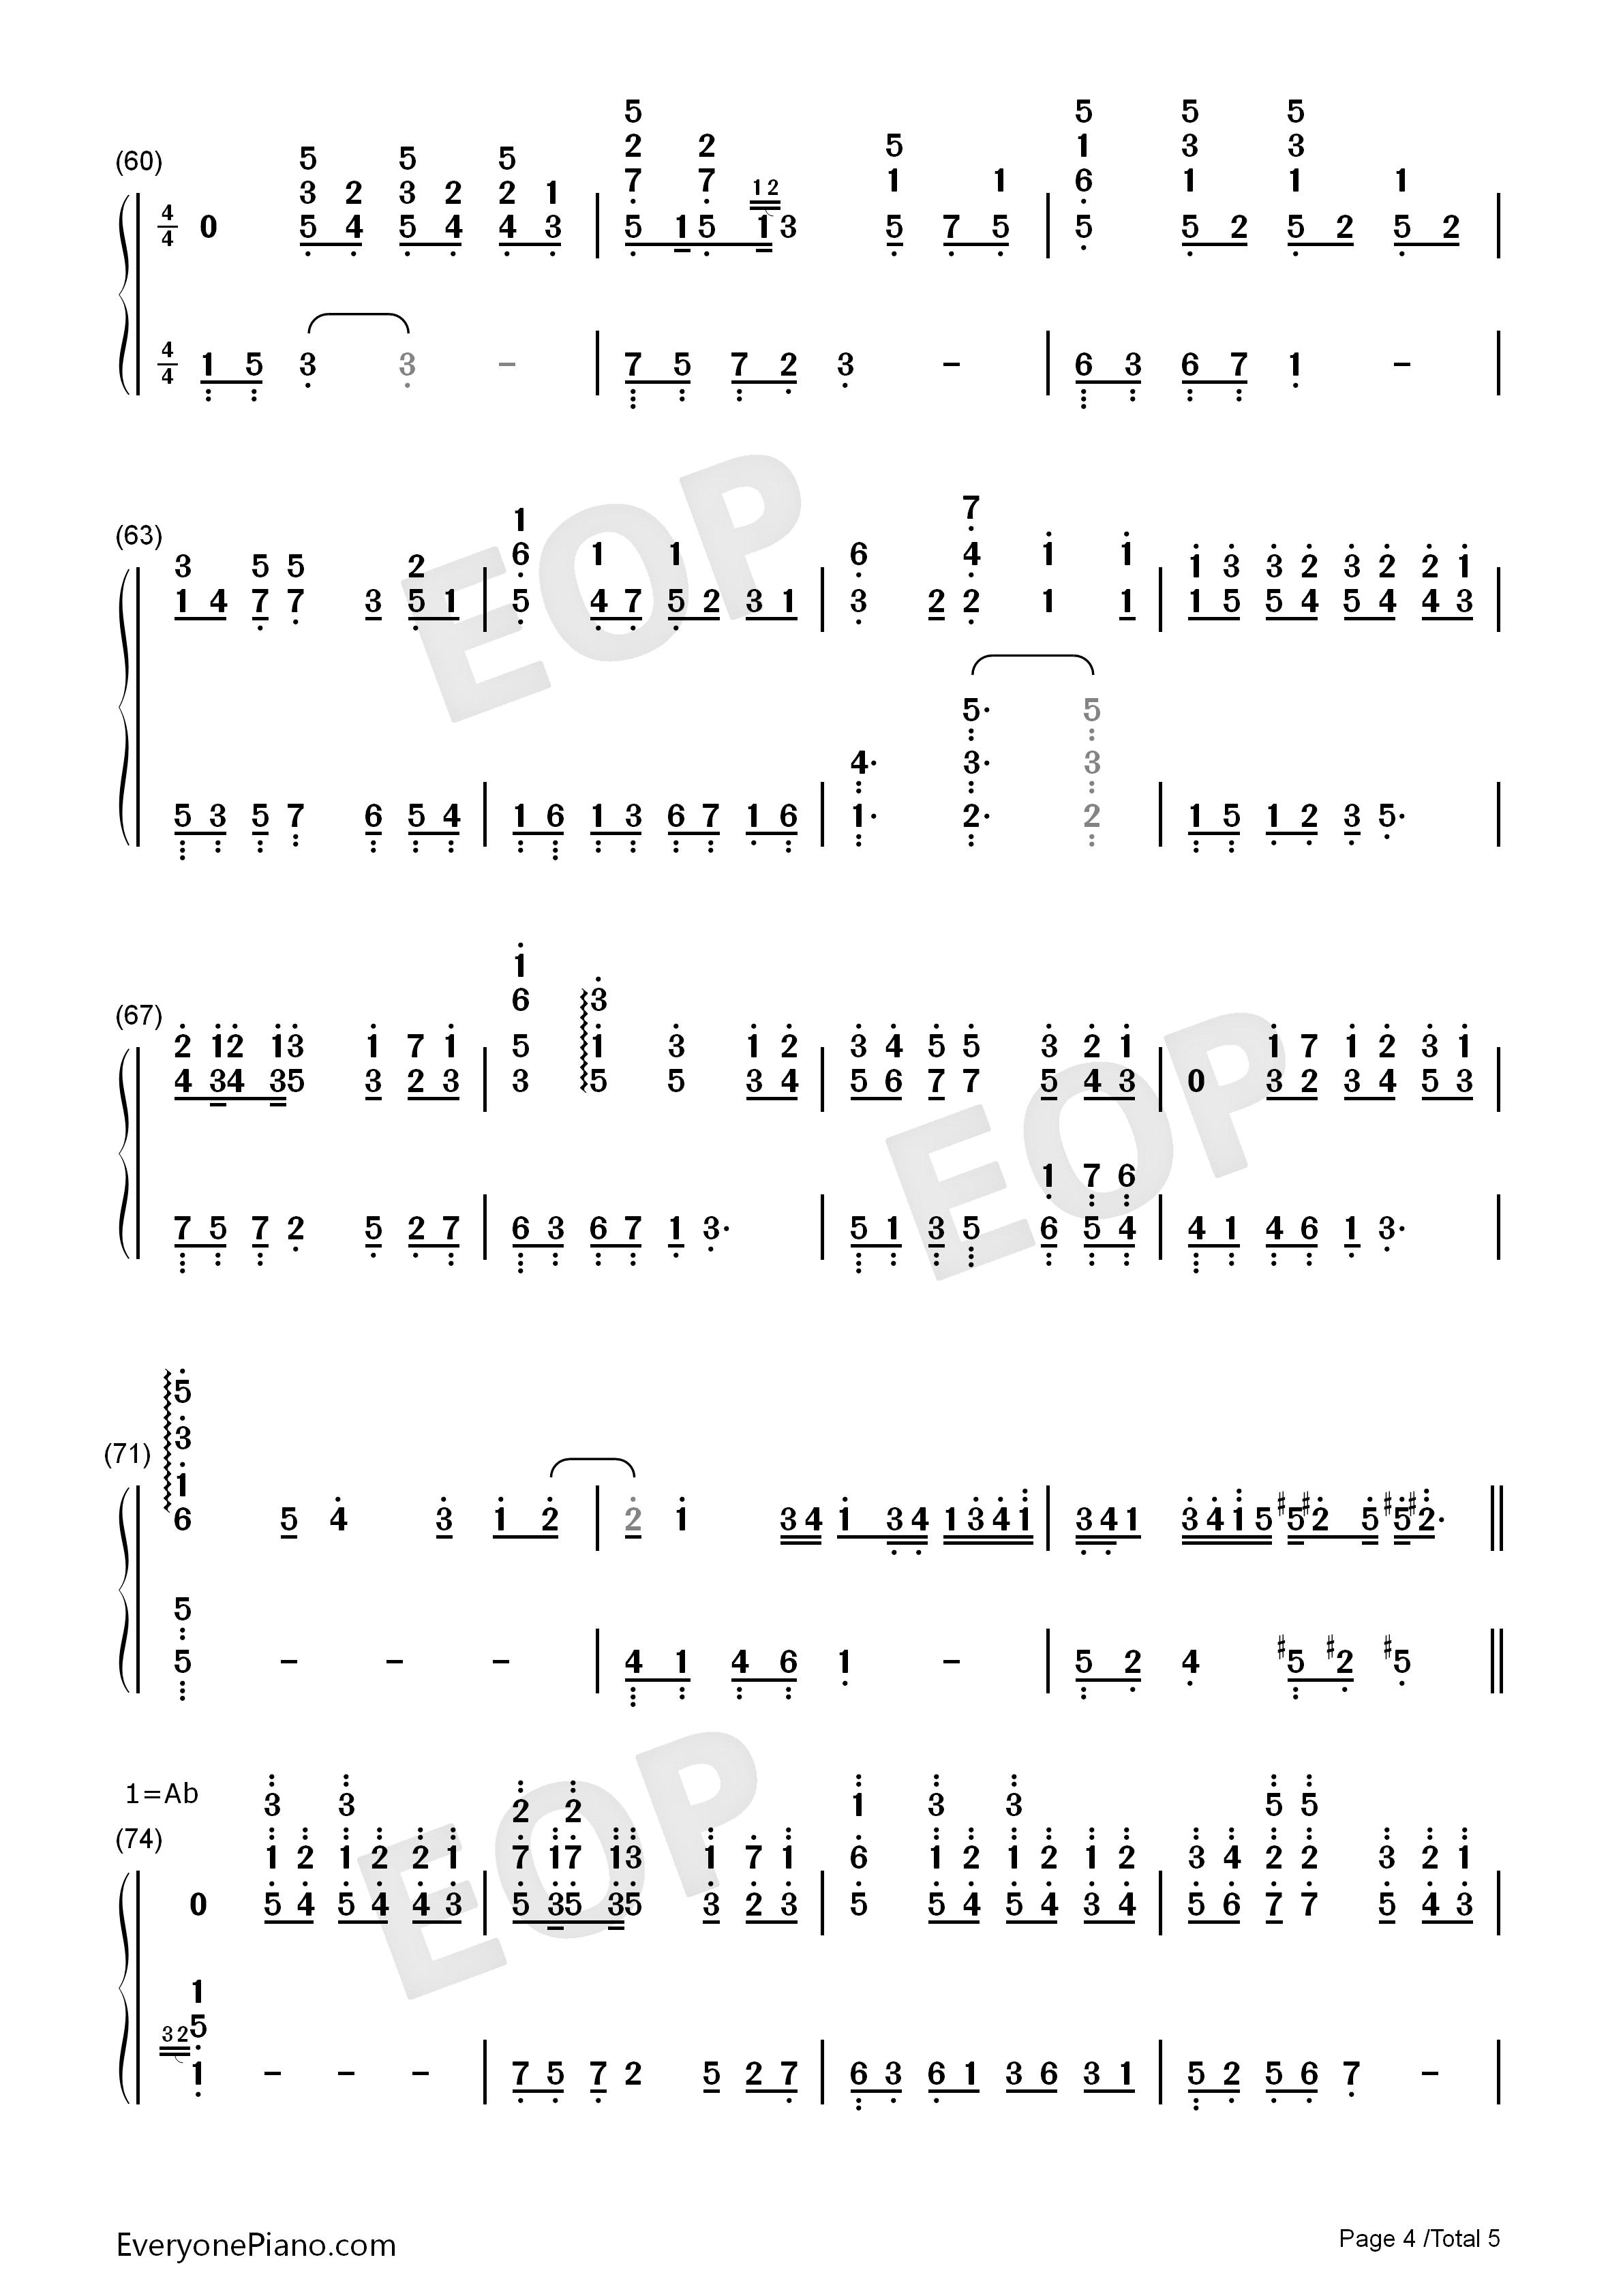 钢琴曲谱 流行 first love -eop教学曲-宇多田光 first love -eop教学